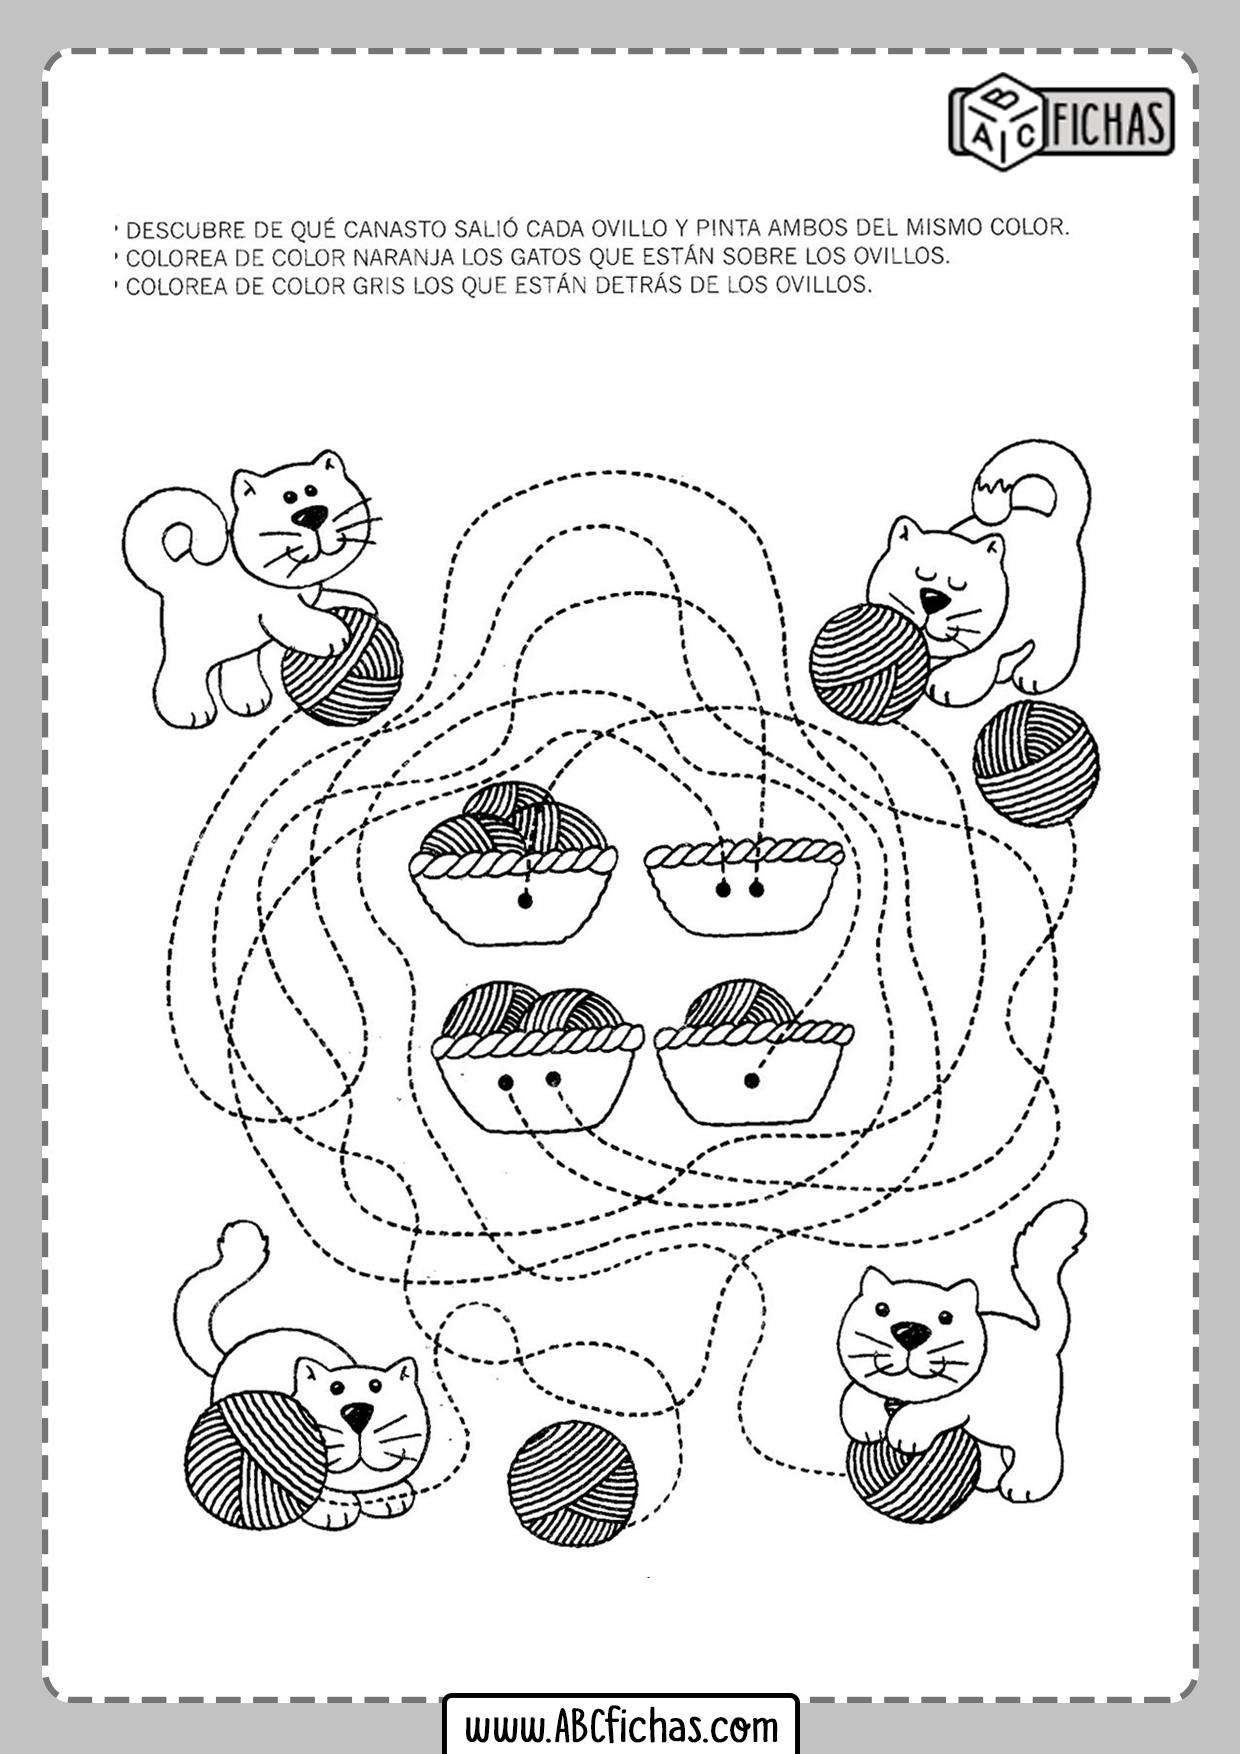 Fichas para niños de 3 años